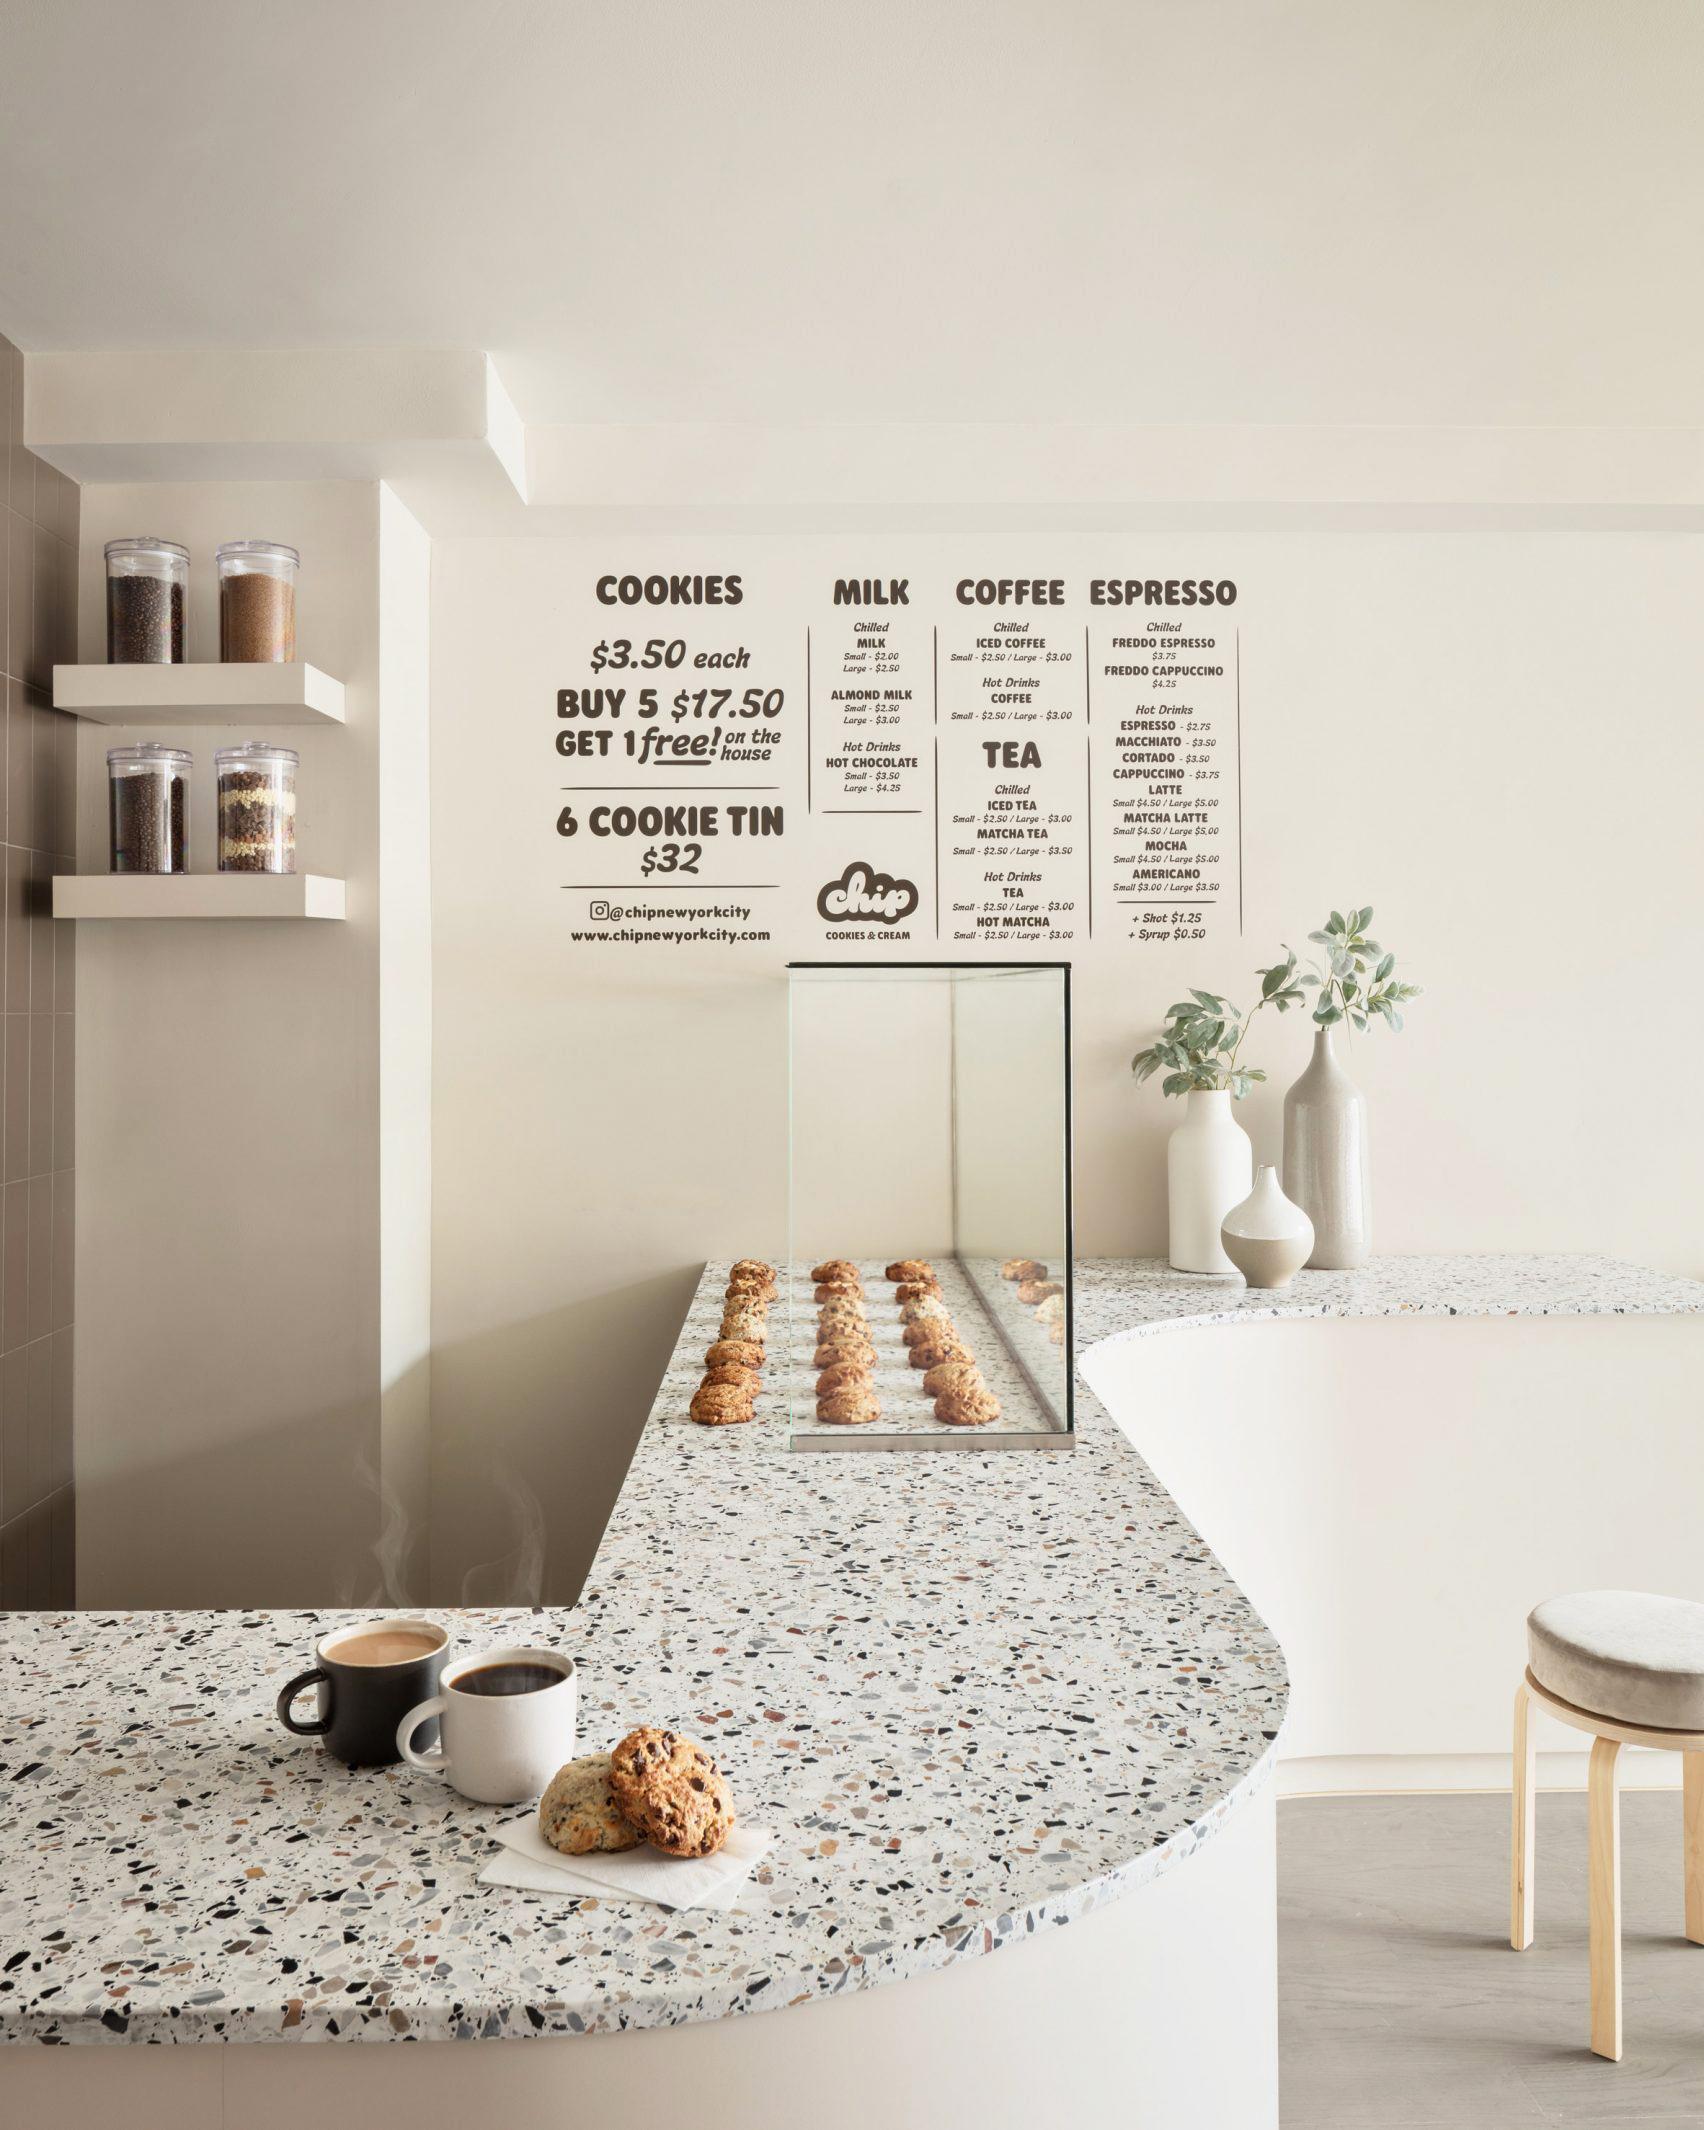 商品をモチーフにしたクッキーショップのロゴデザインと店舗デザインのつくり